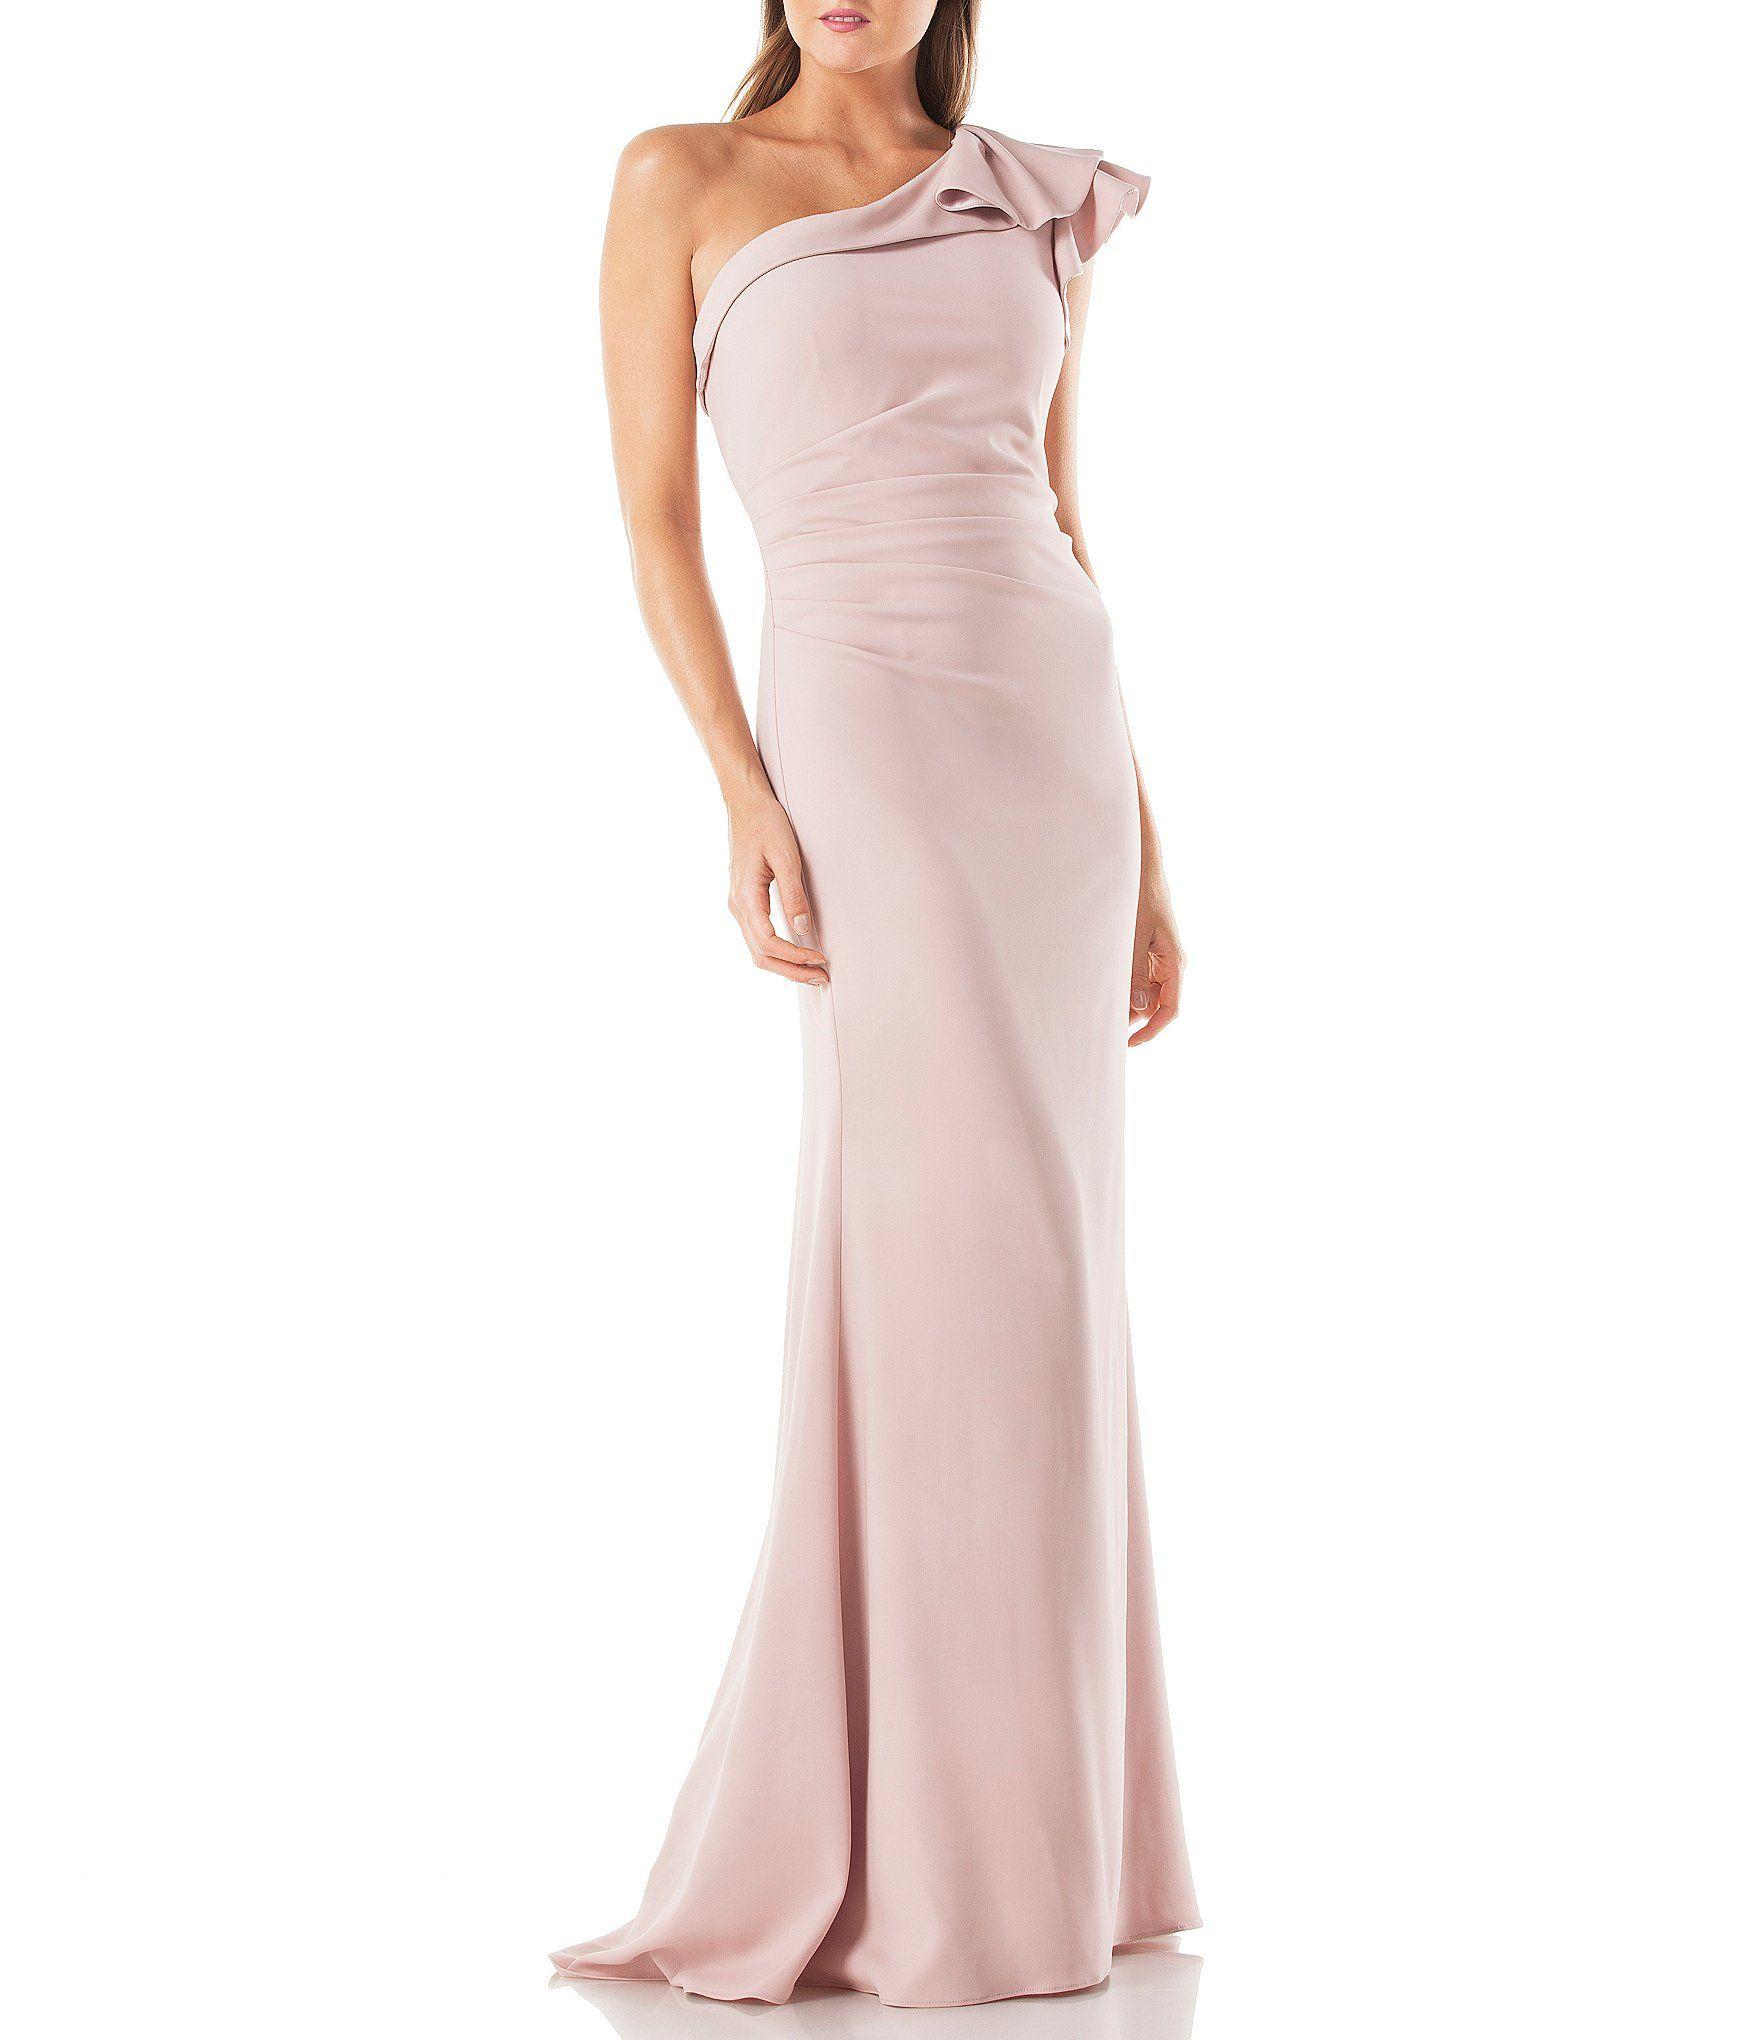 0def5fc1d52 Pink Cocktail Dress Dillards - Gomes Weine AG